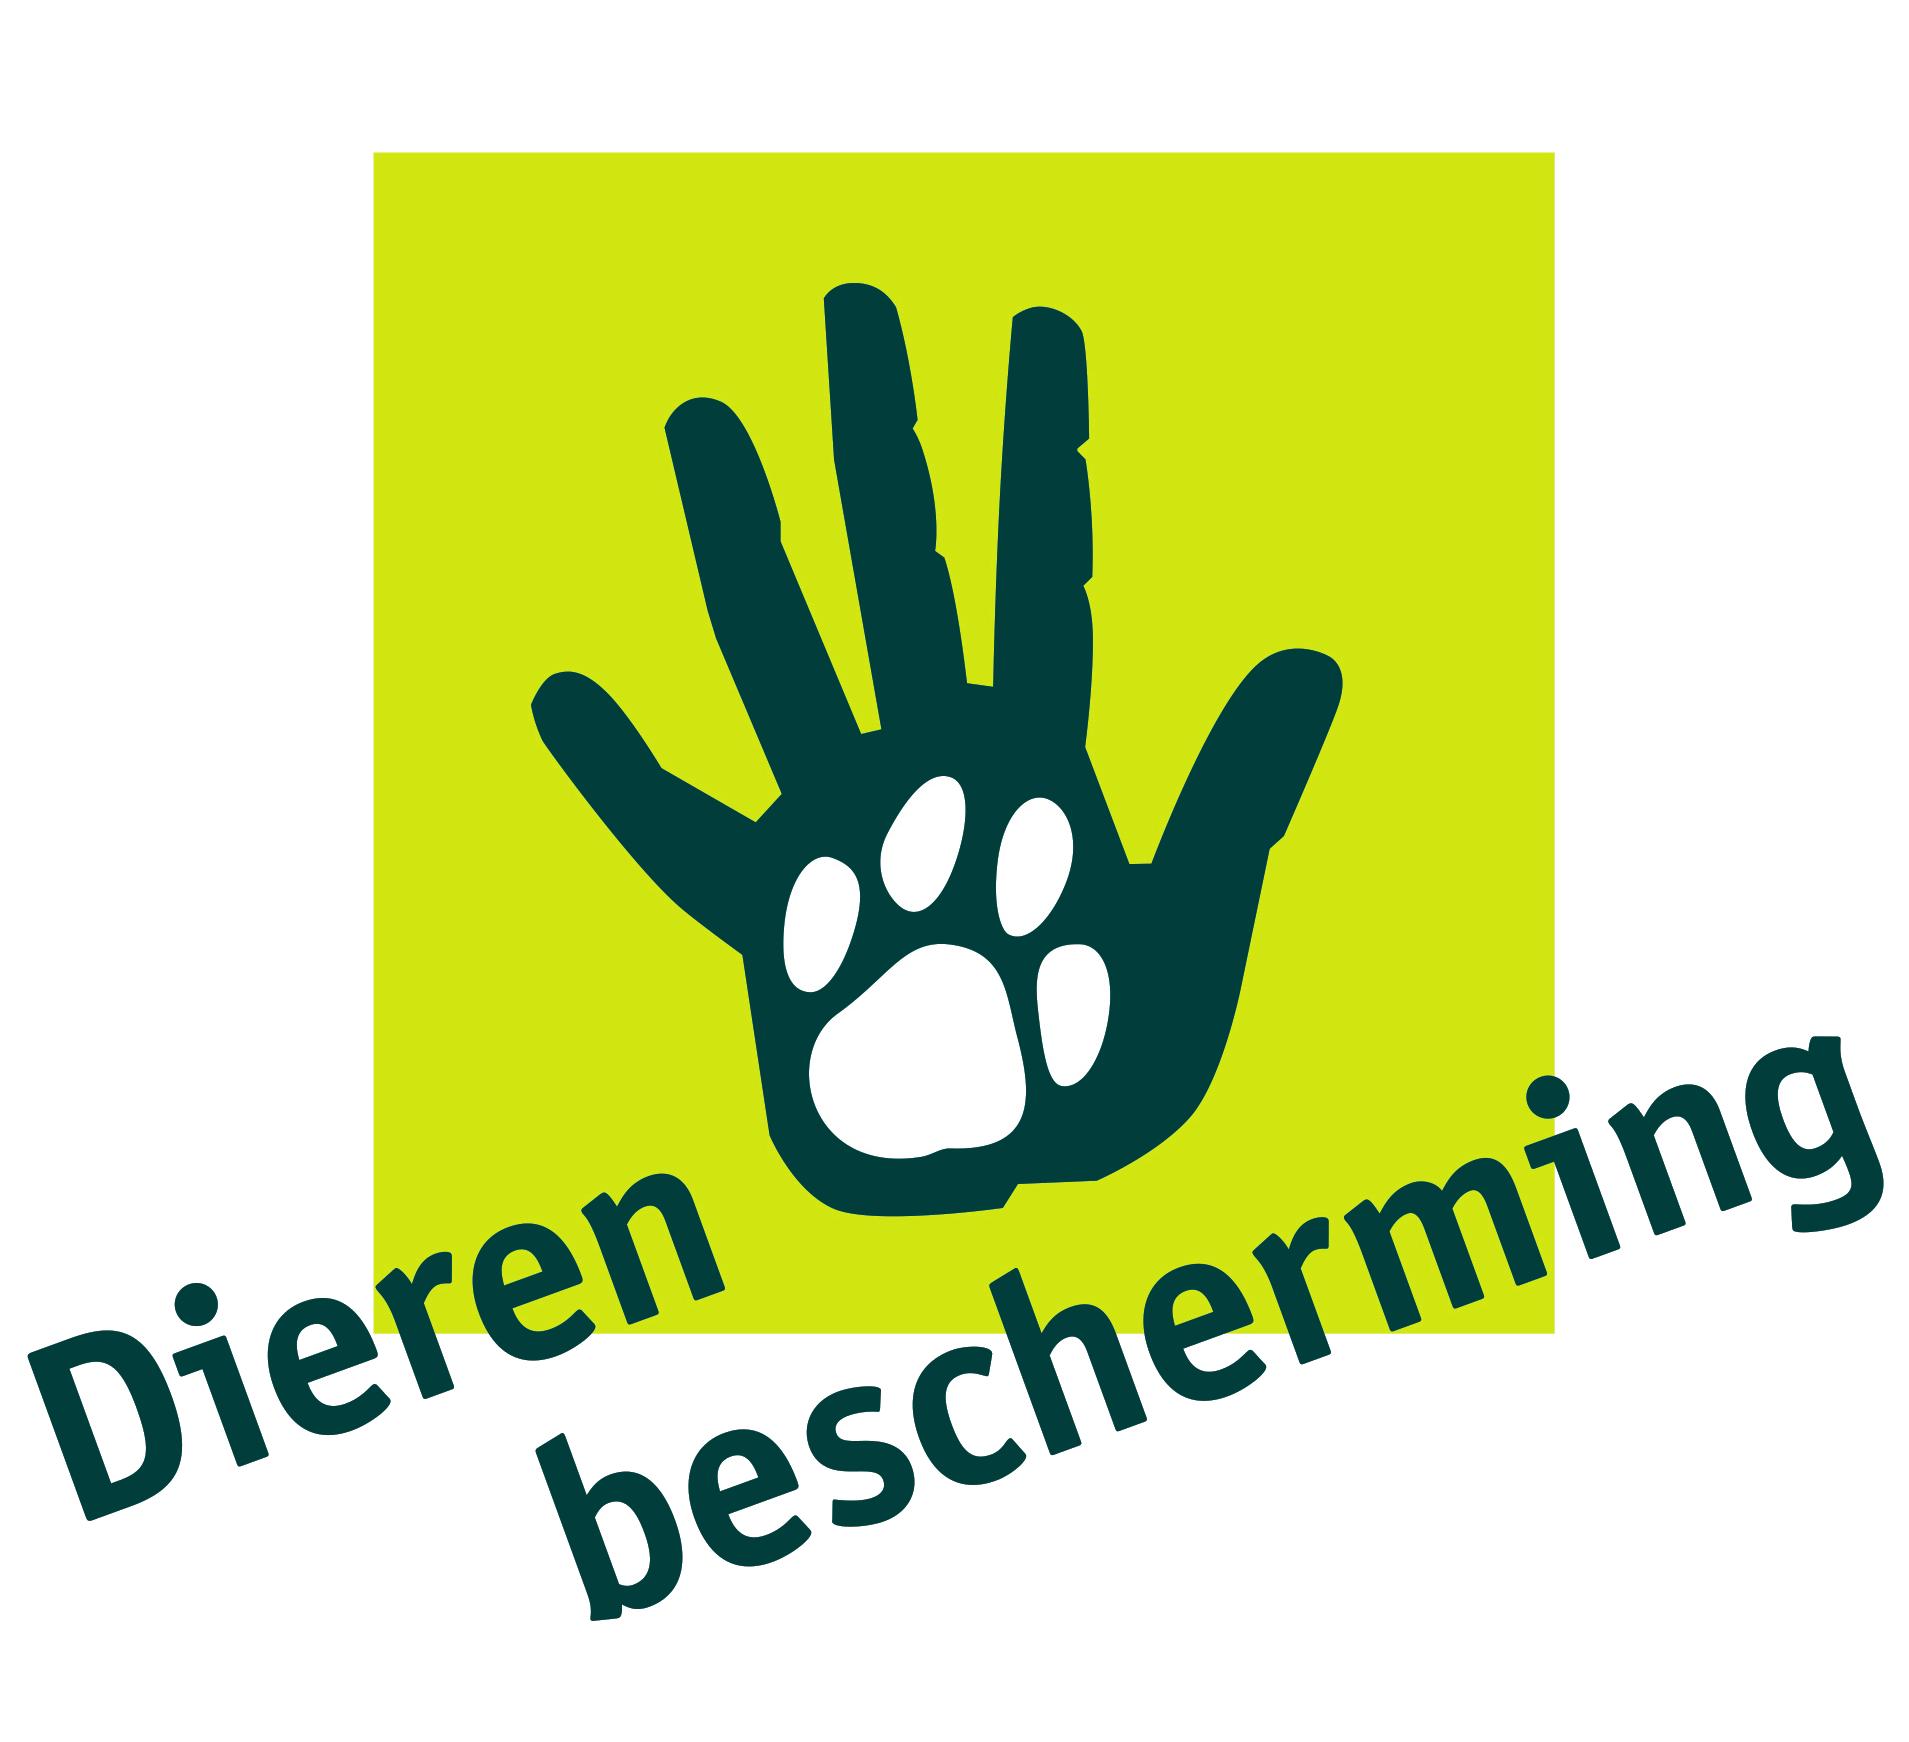 dierenbescherming TP.png